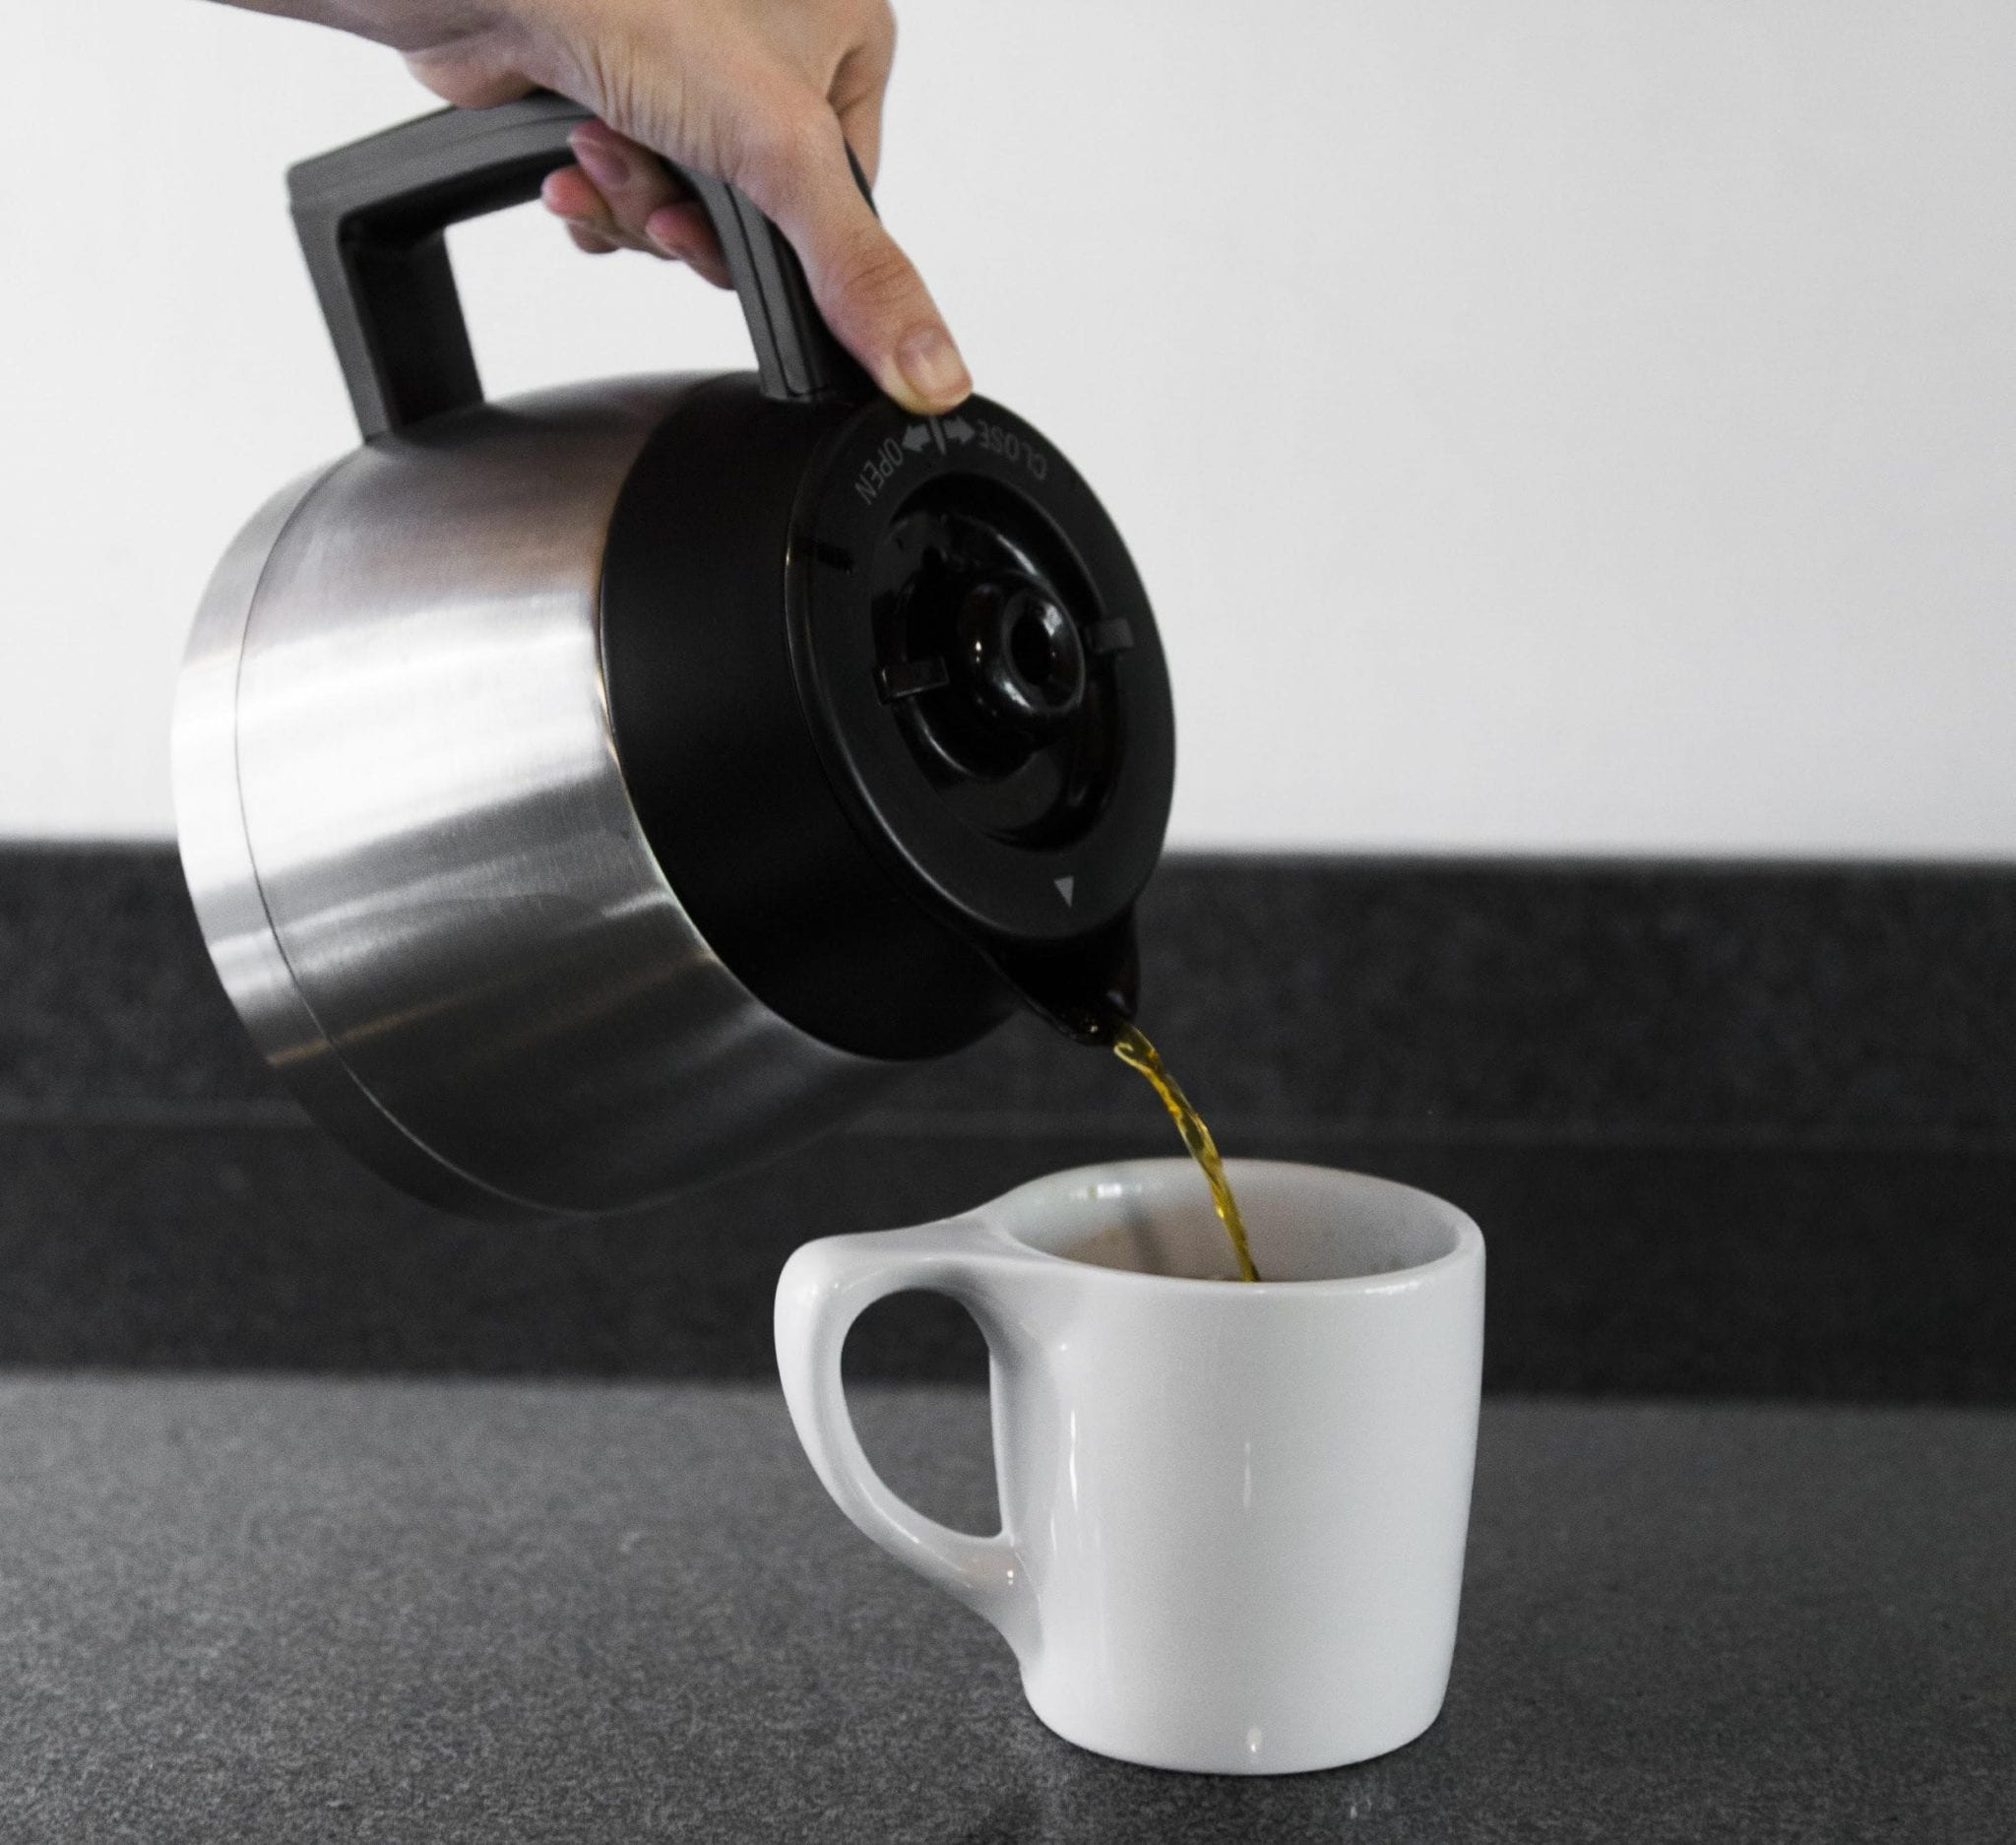 sirviendo cafe recien preparado